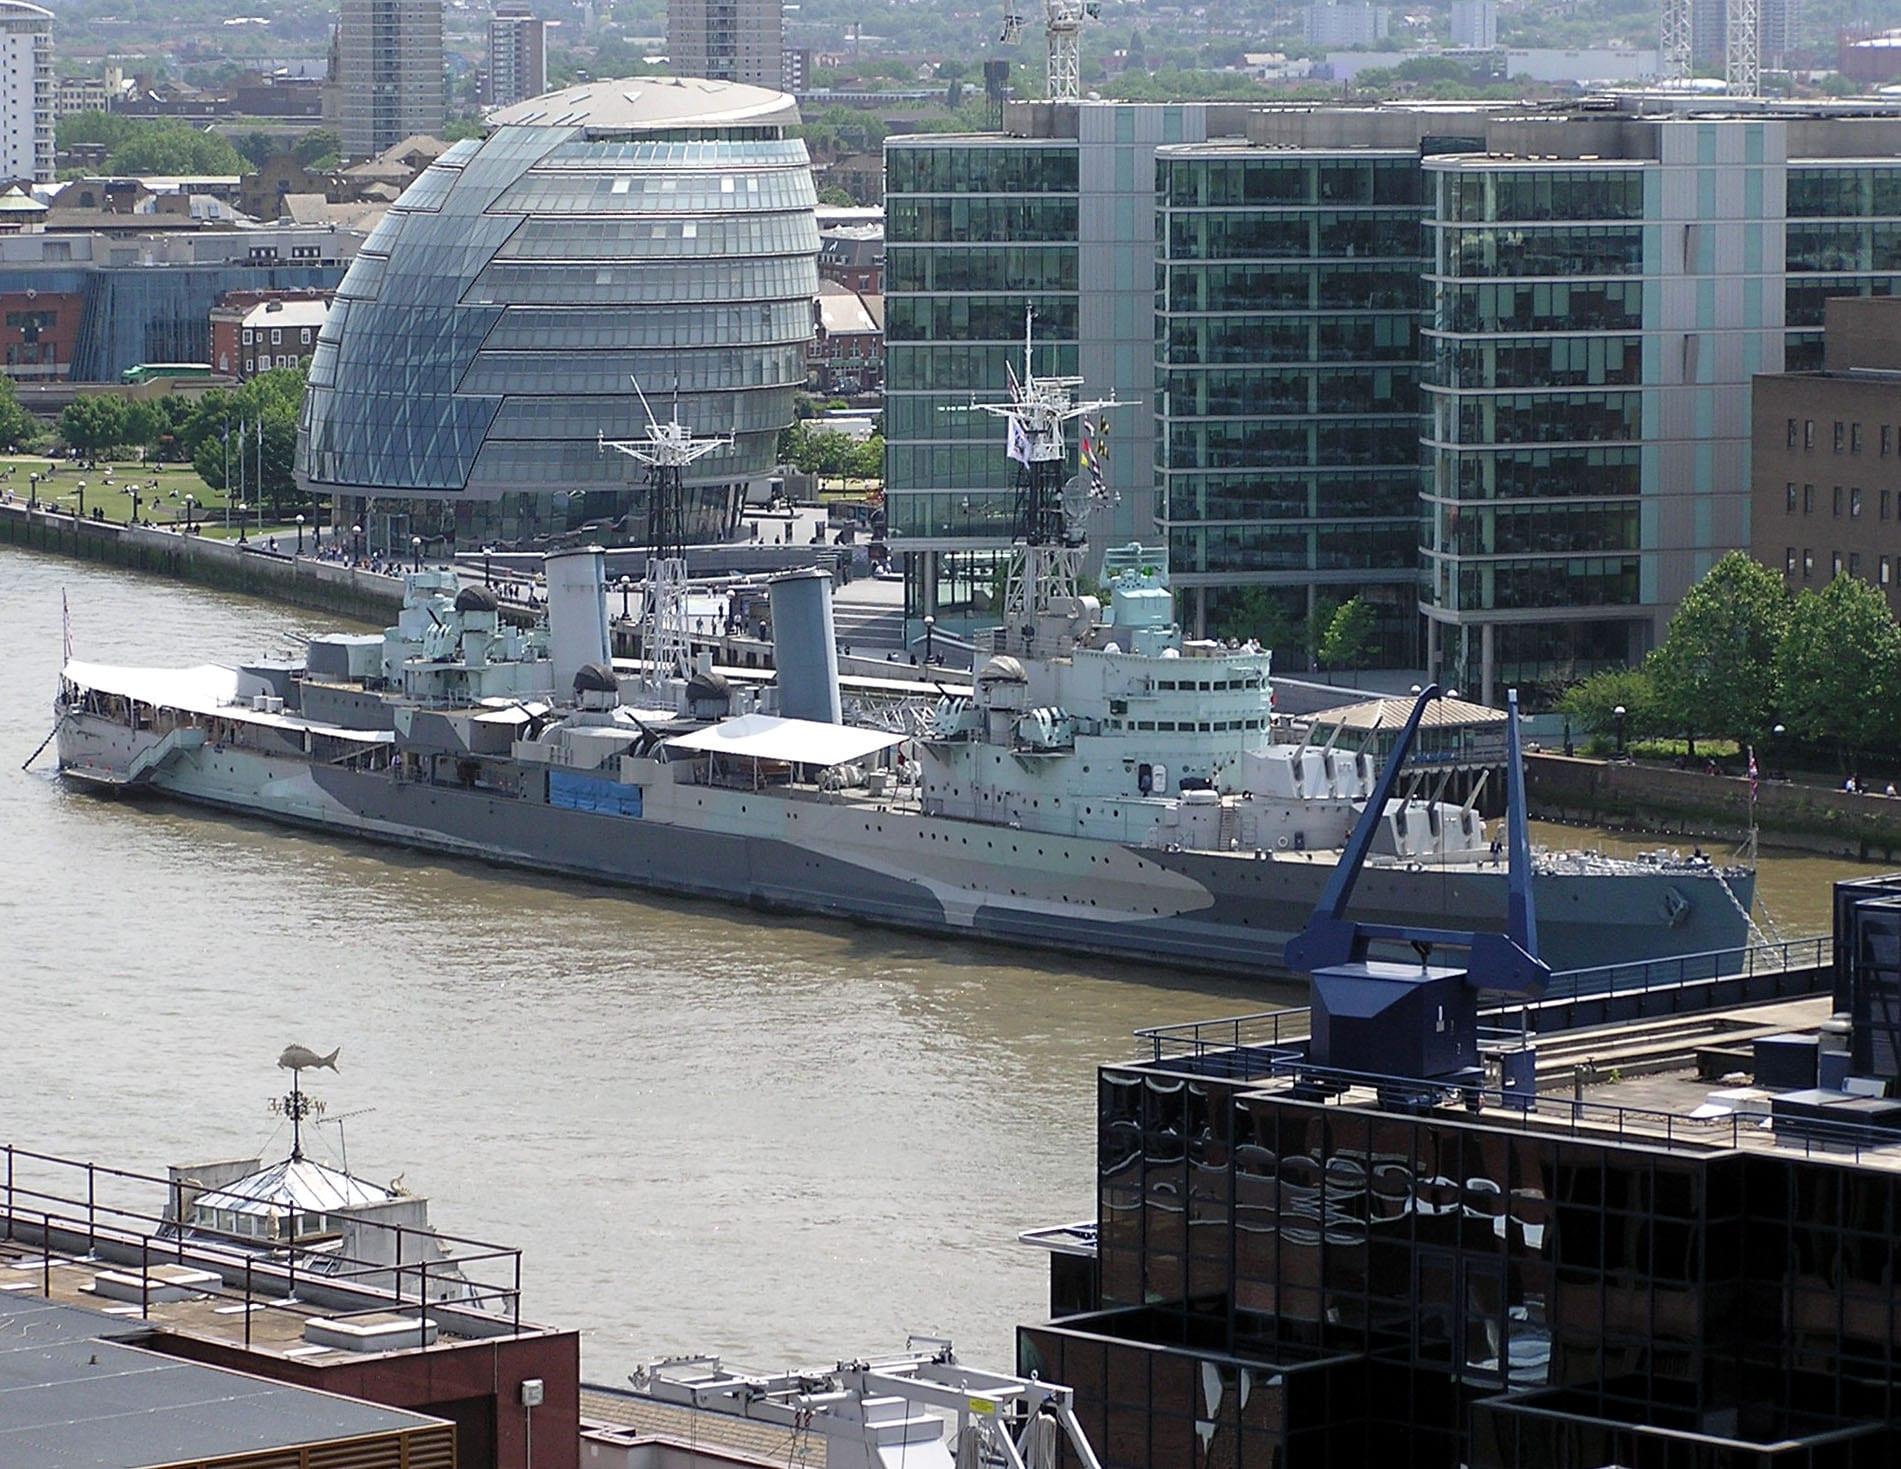 HMS Belfast en el Río Támesis